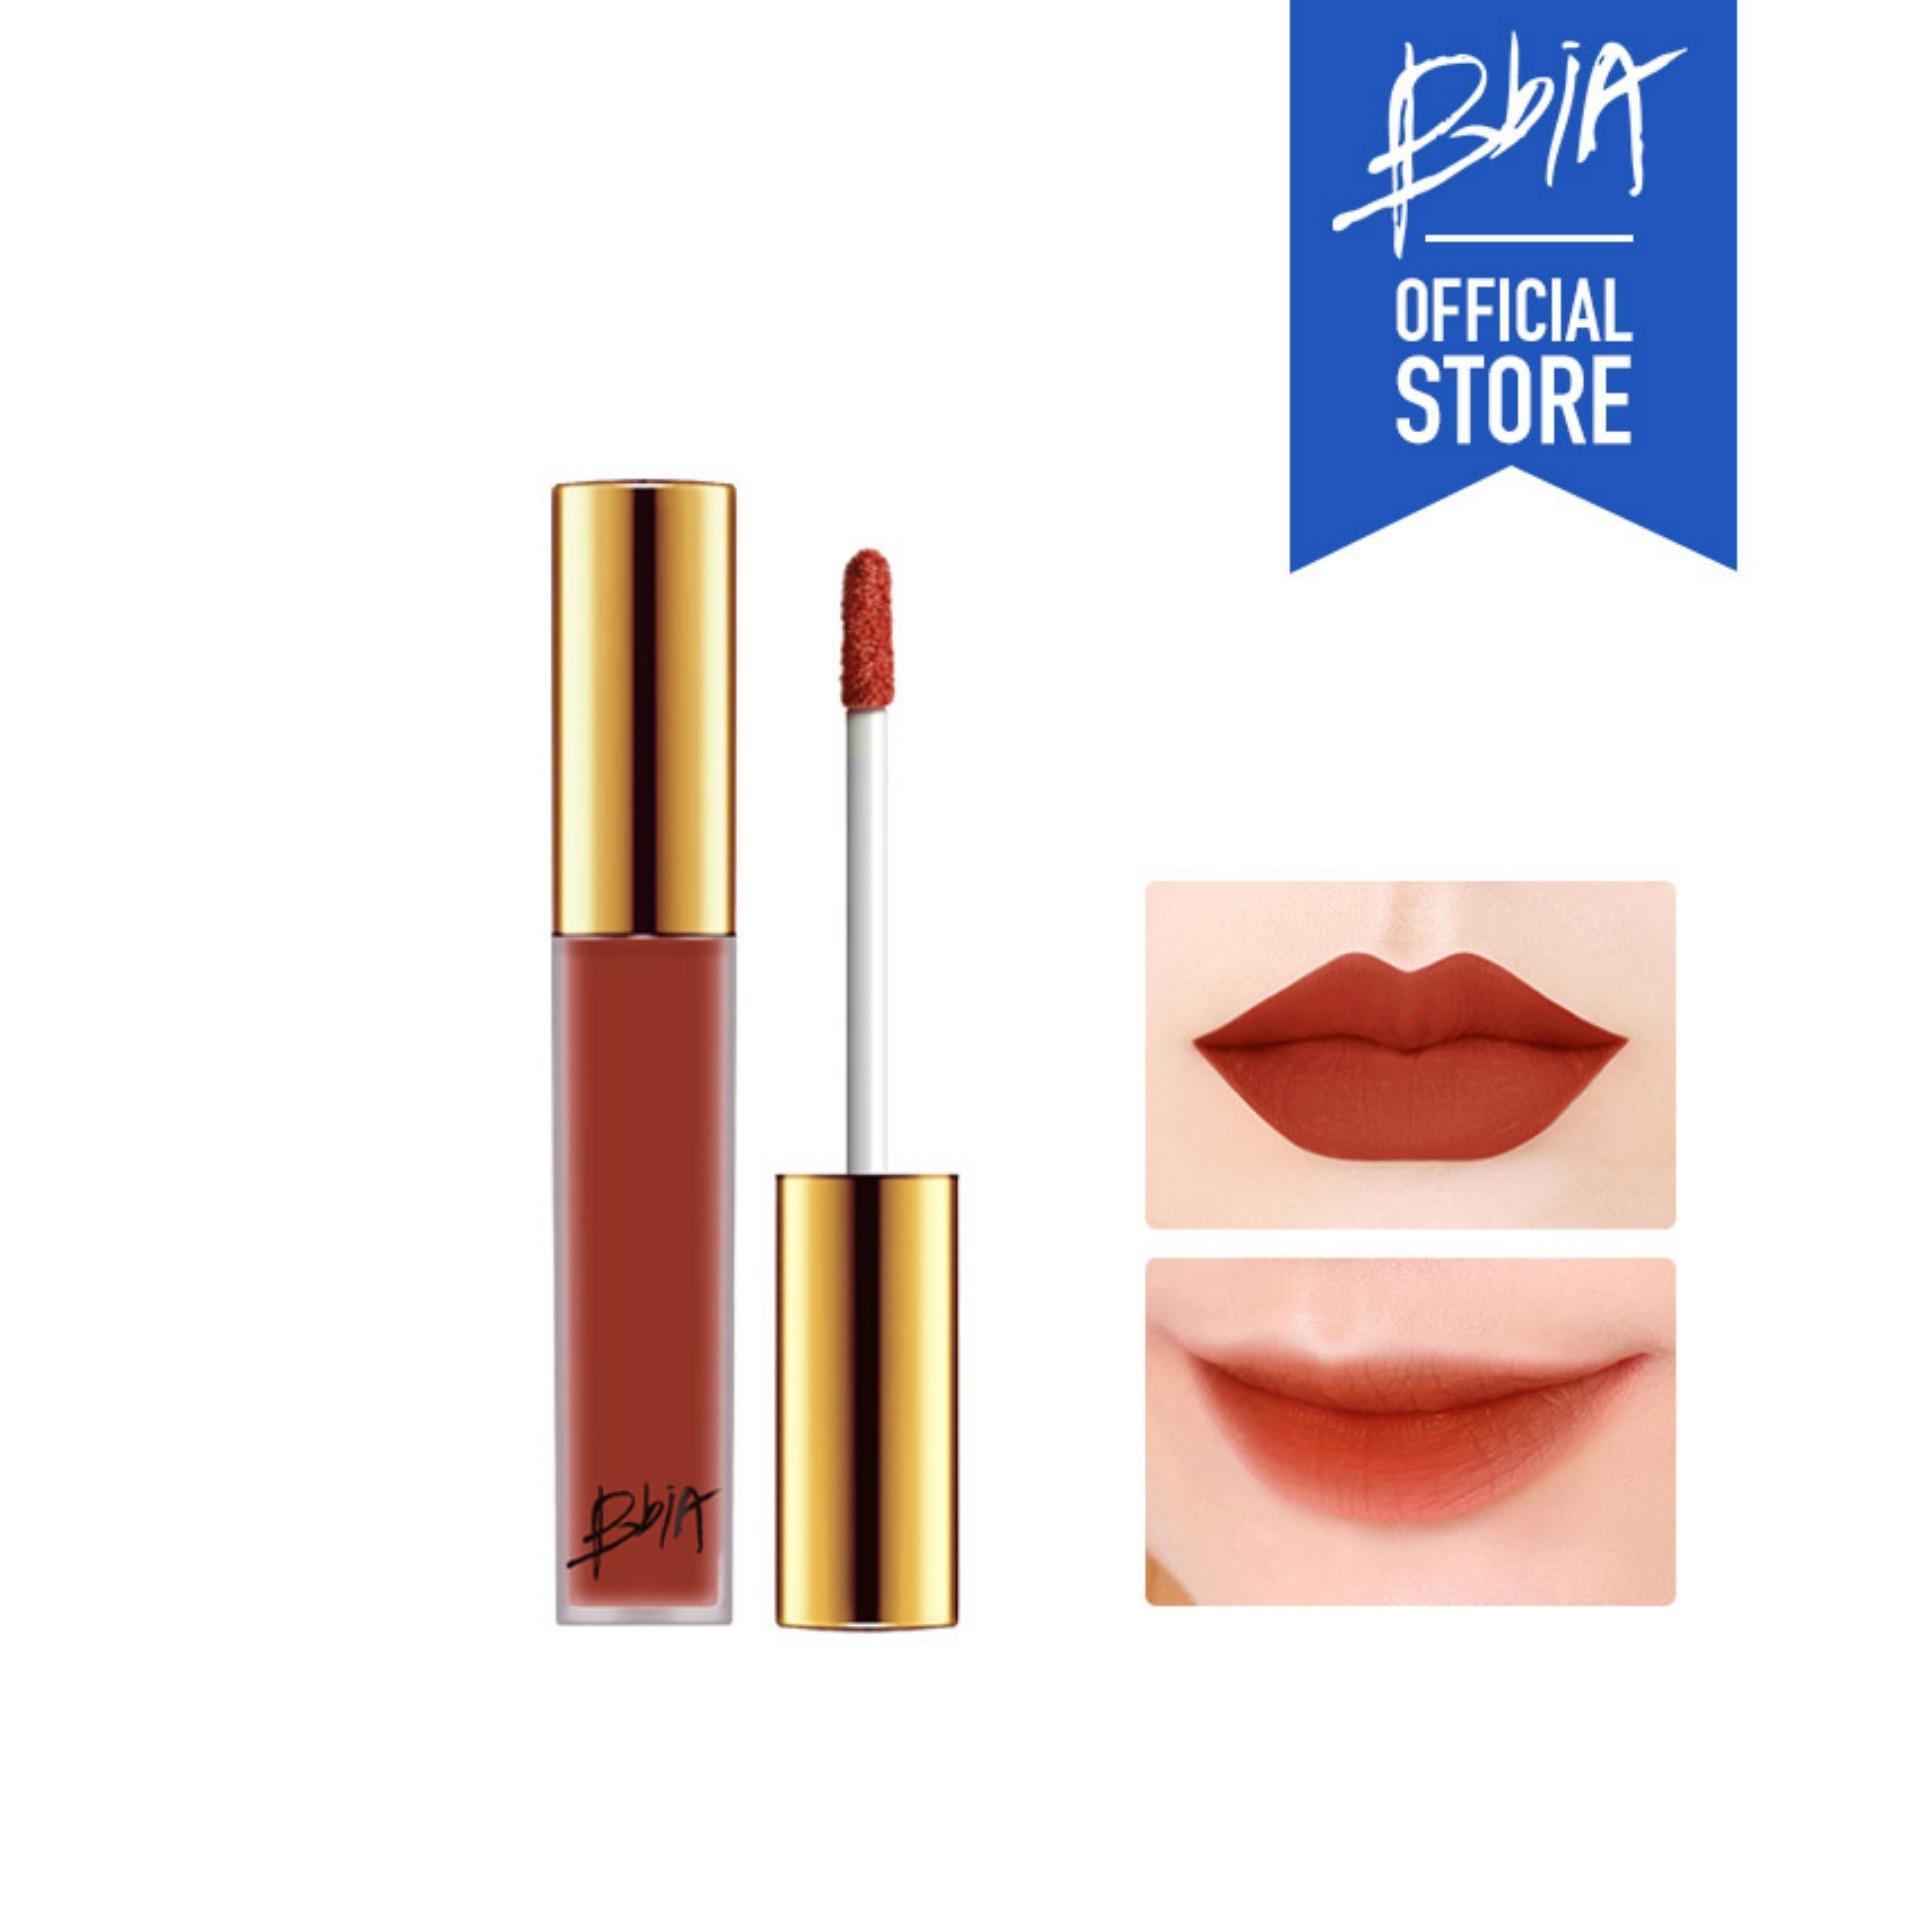 Son kem lì Bbia Last Velvet Lip Tint Version 3 - 12 Sweet Boss (Màu cam cháy)